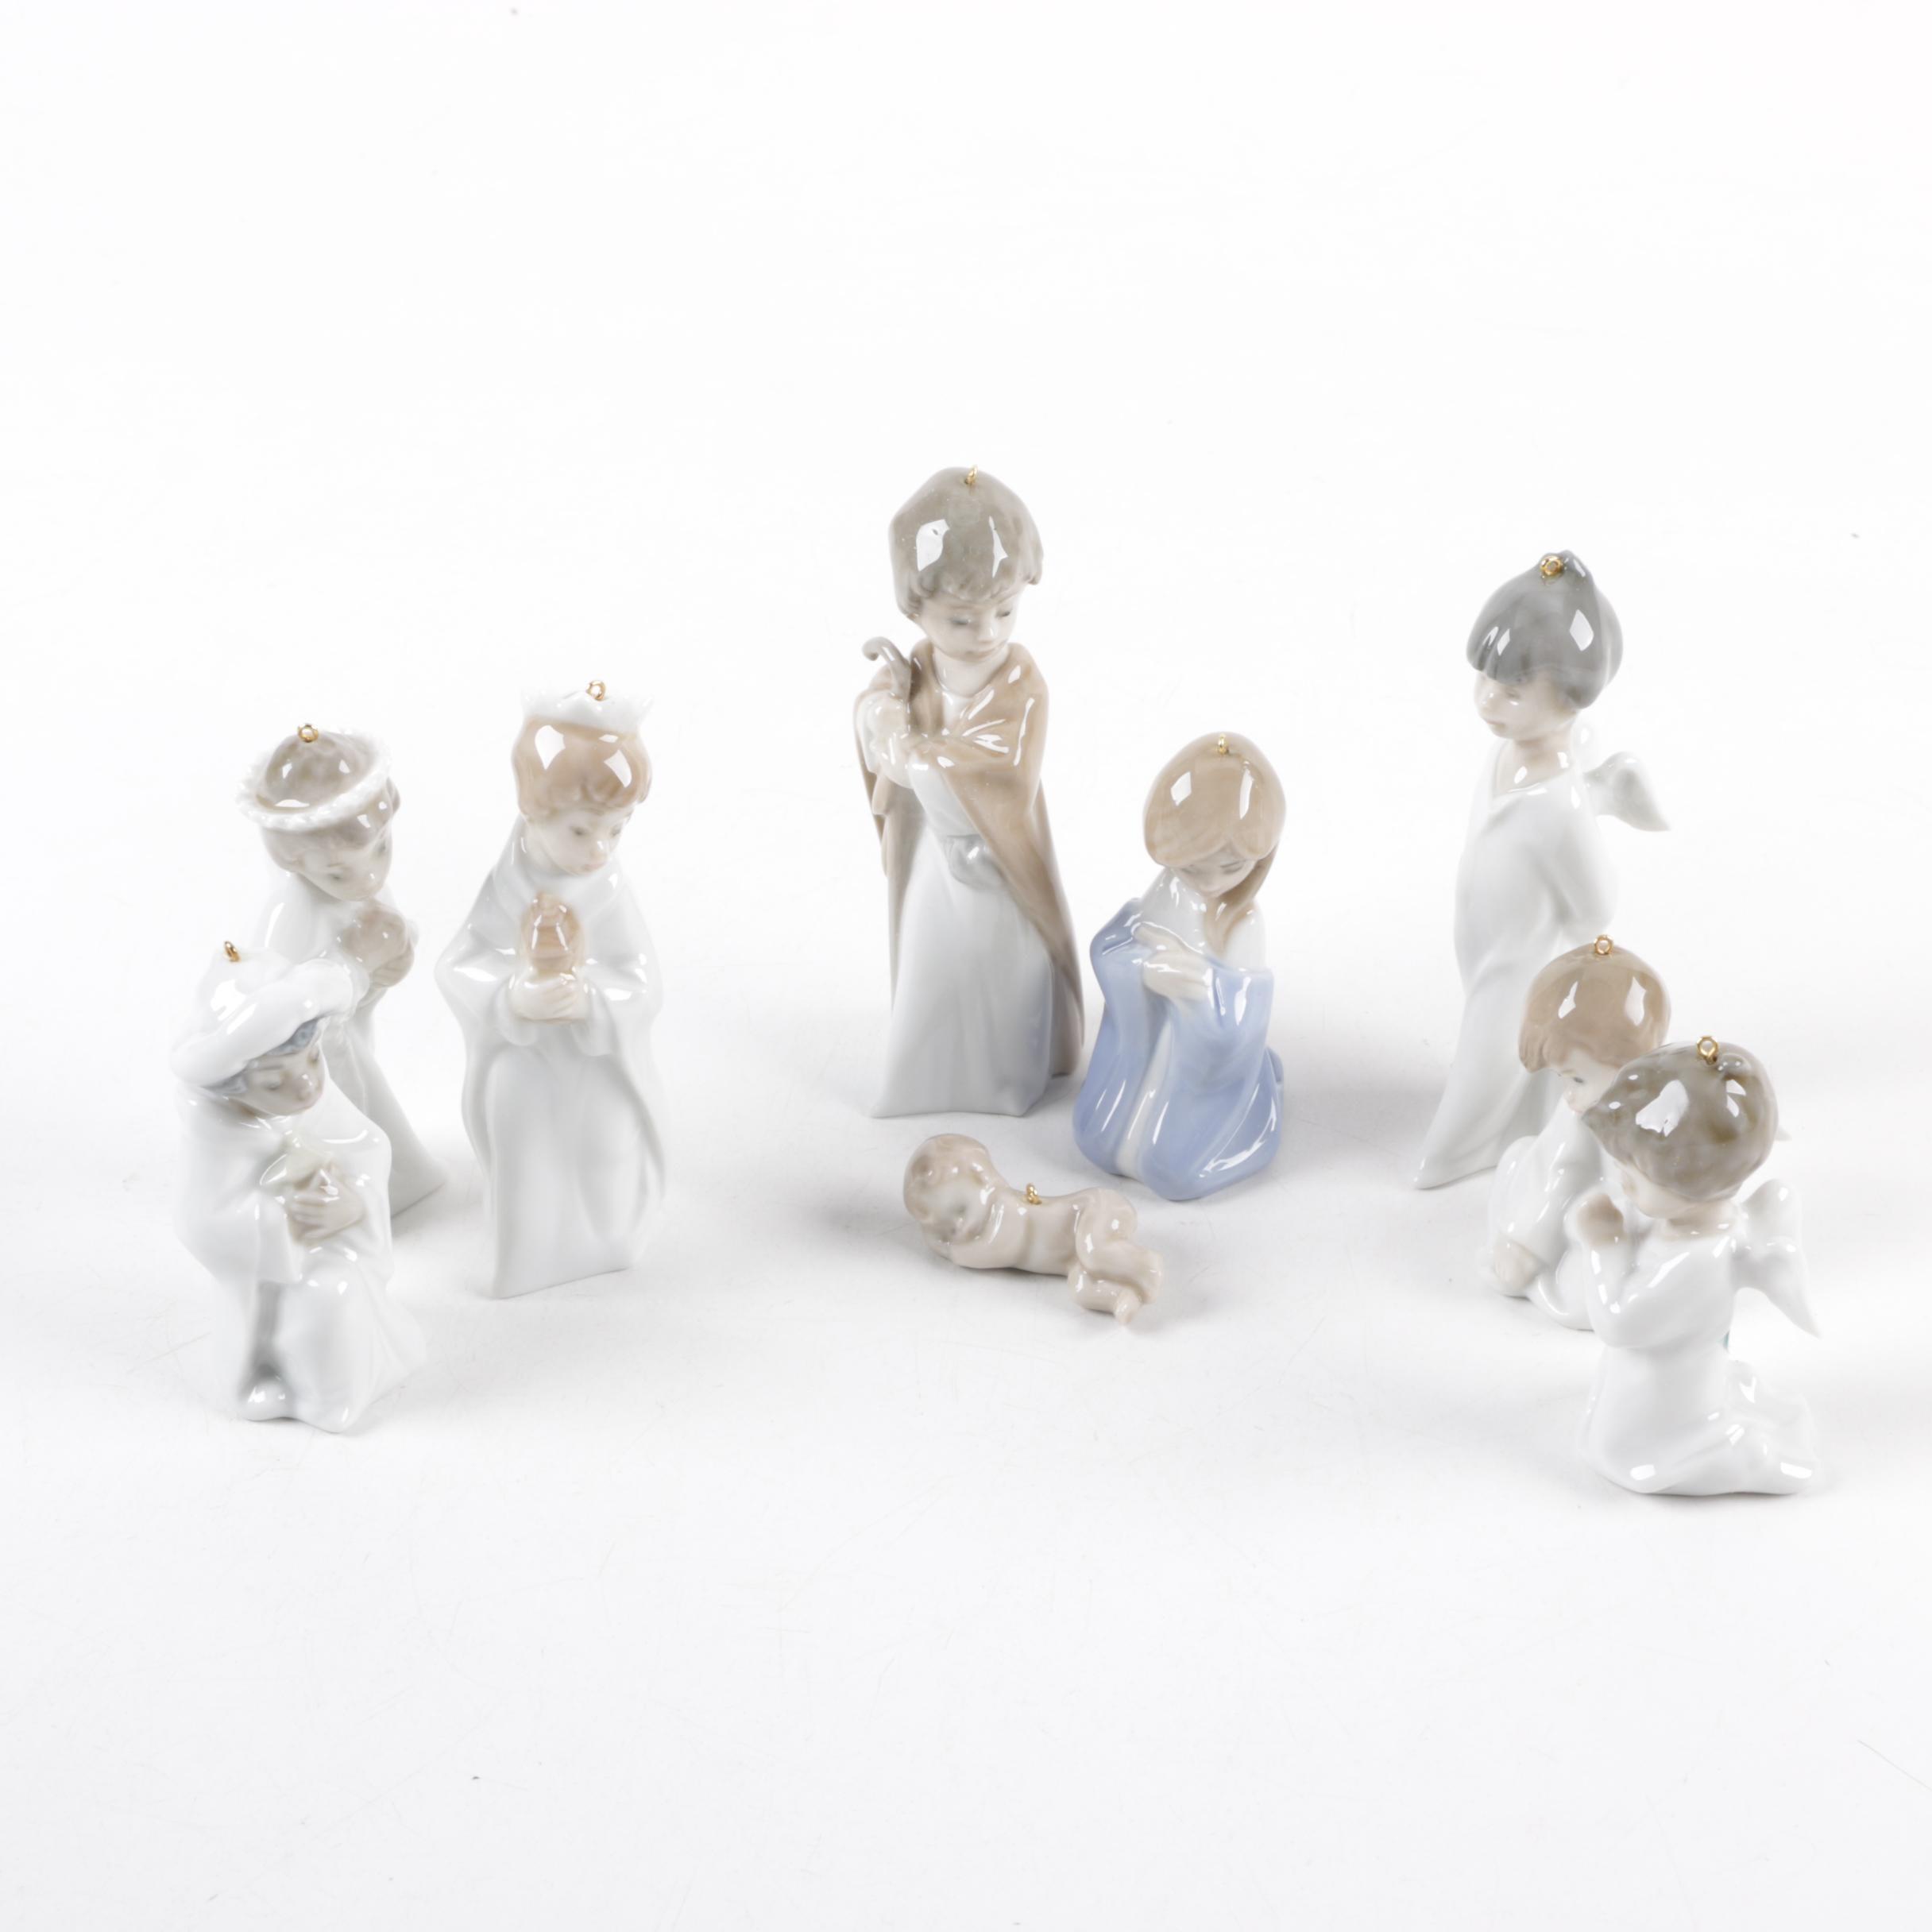 Lladro Holiday Nativity Ornaments